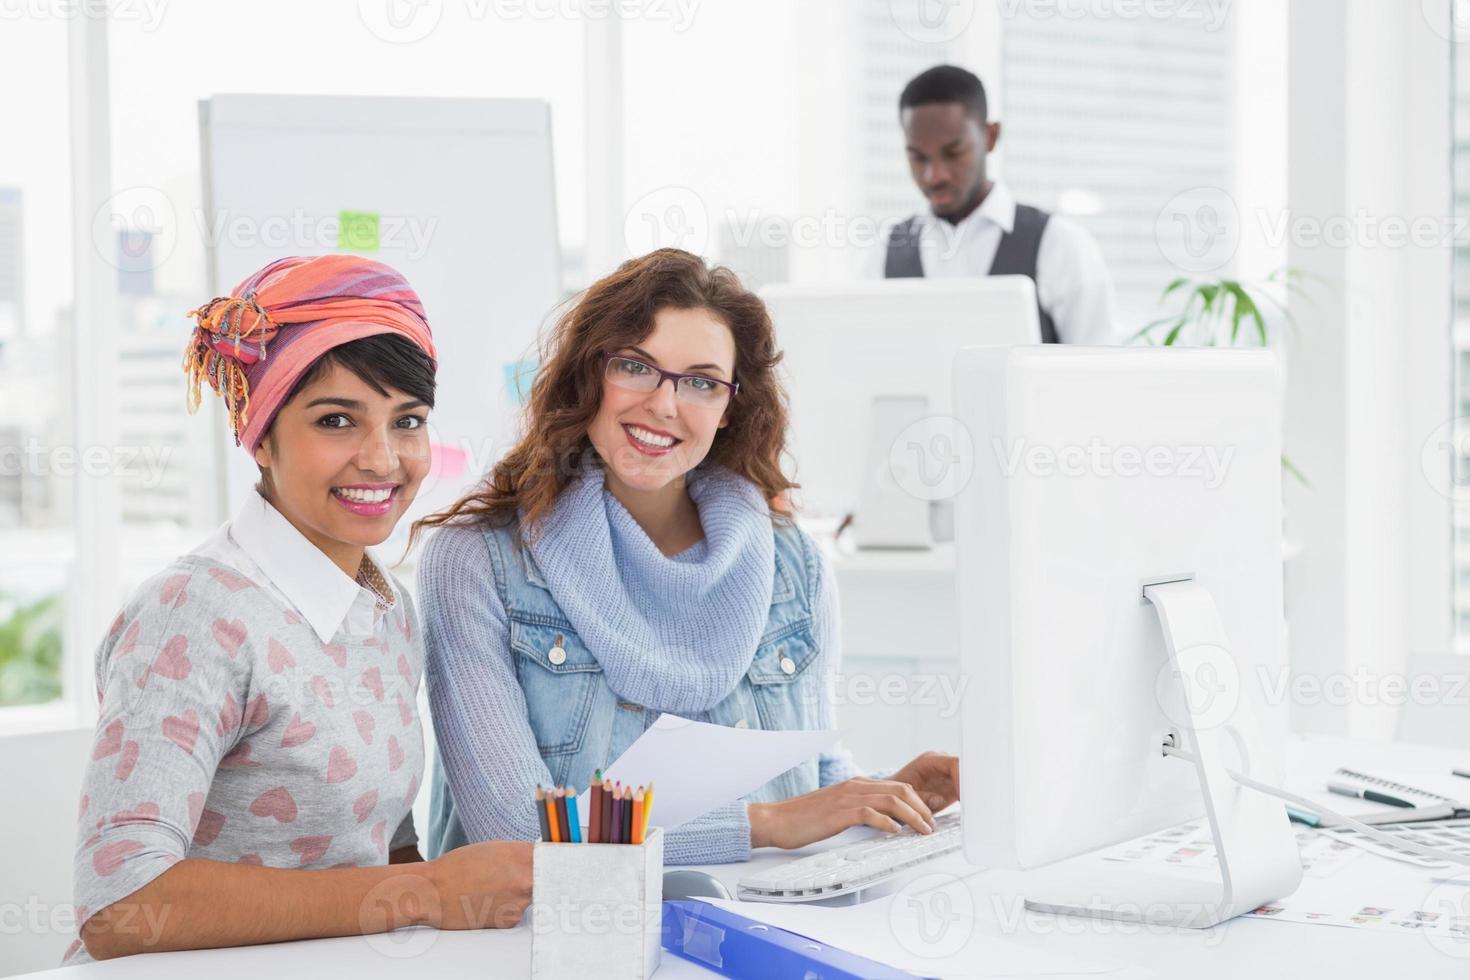 retrato do trabalho em equipe sorridente, sentado na mesa foto